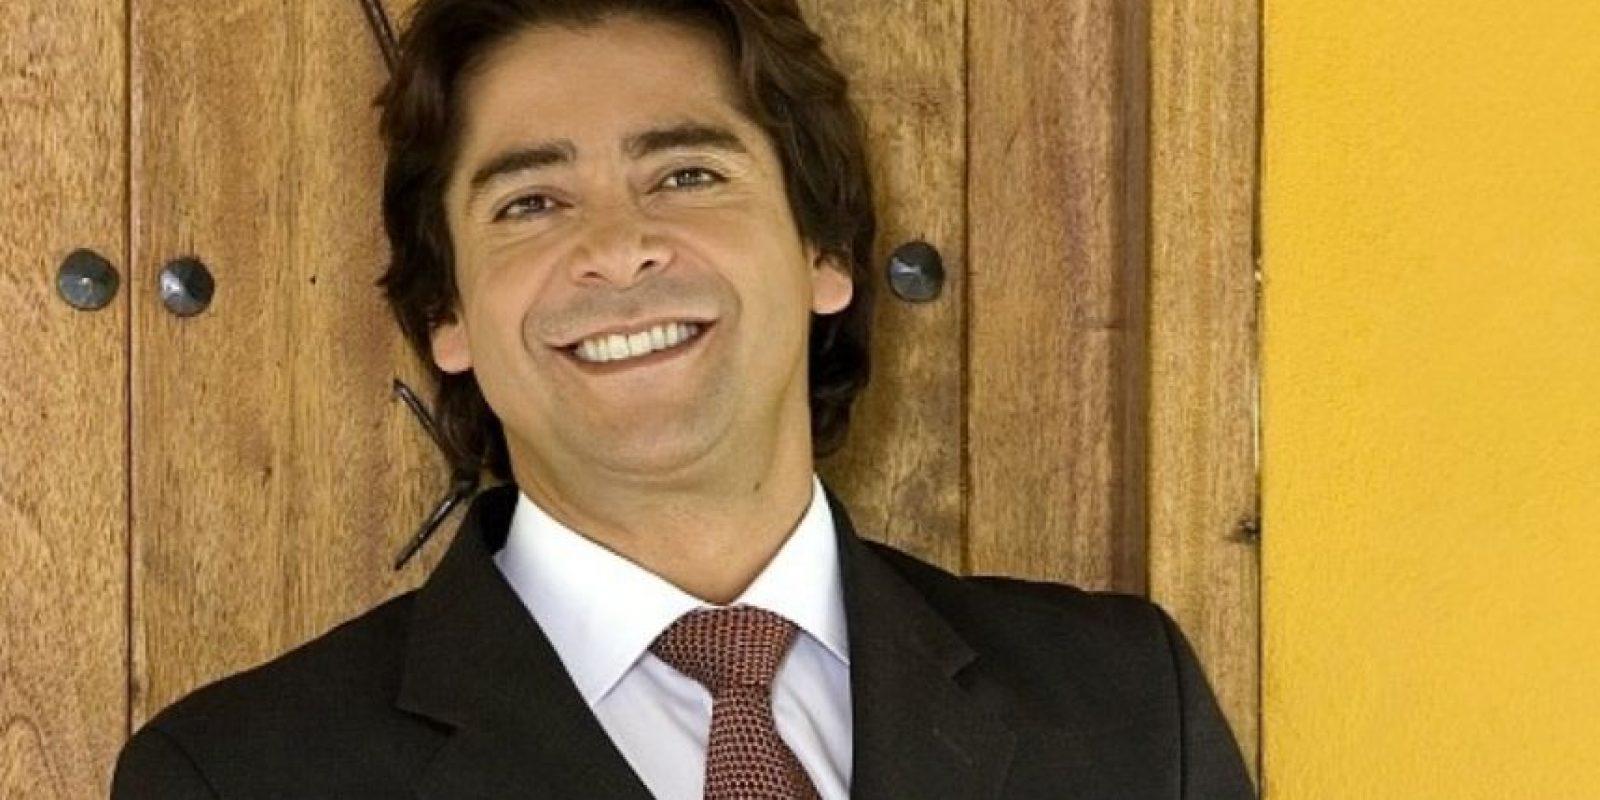 Cabrera enamoró a varios televidentes con su interpretación de un hombre vendedor, hecho a pulzo a la calle y emprendedor. Foto:vía RCN